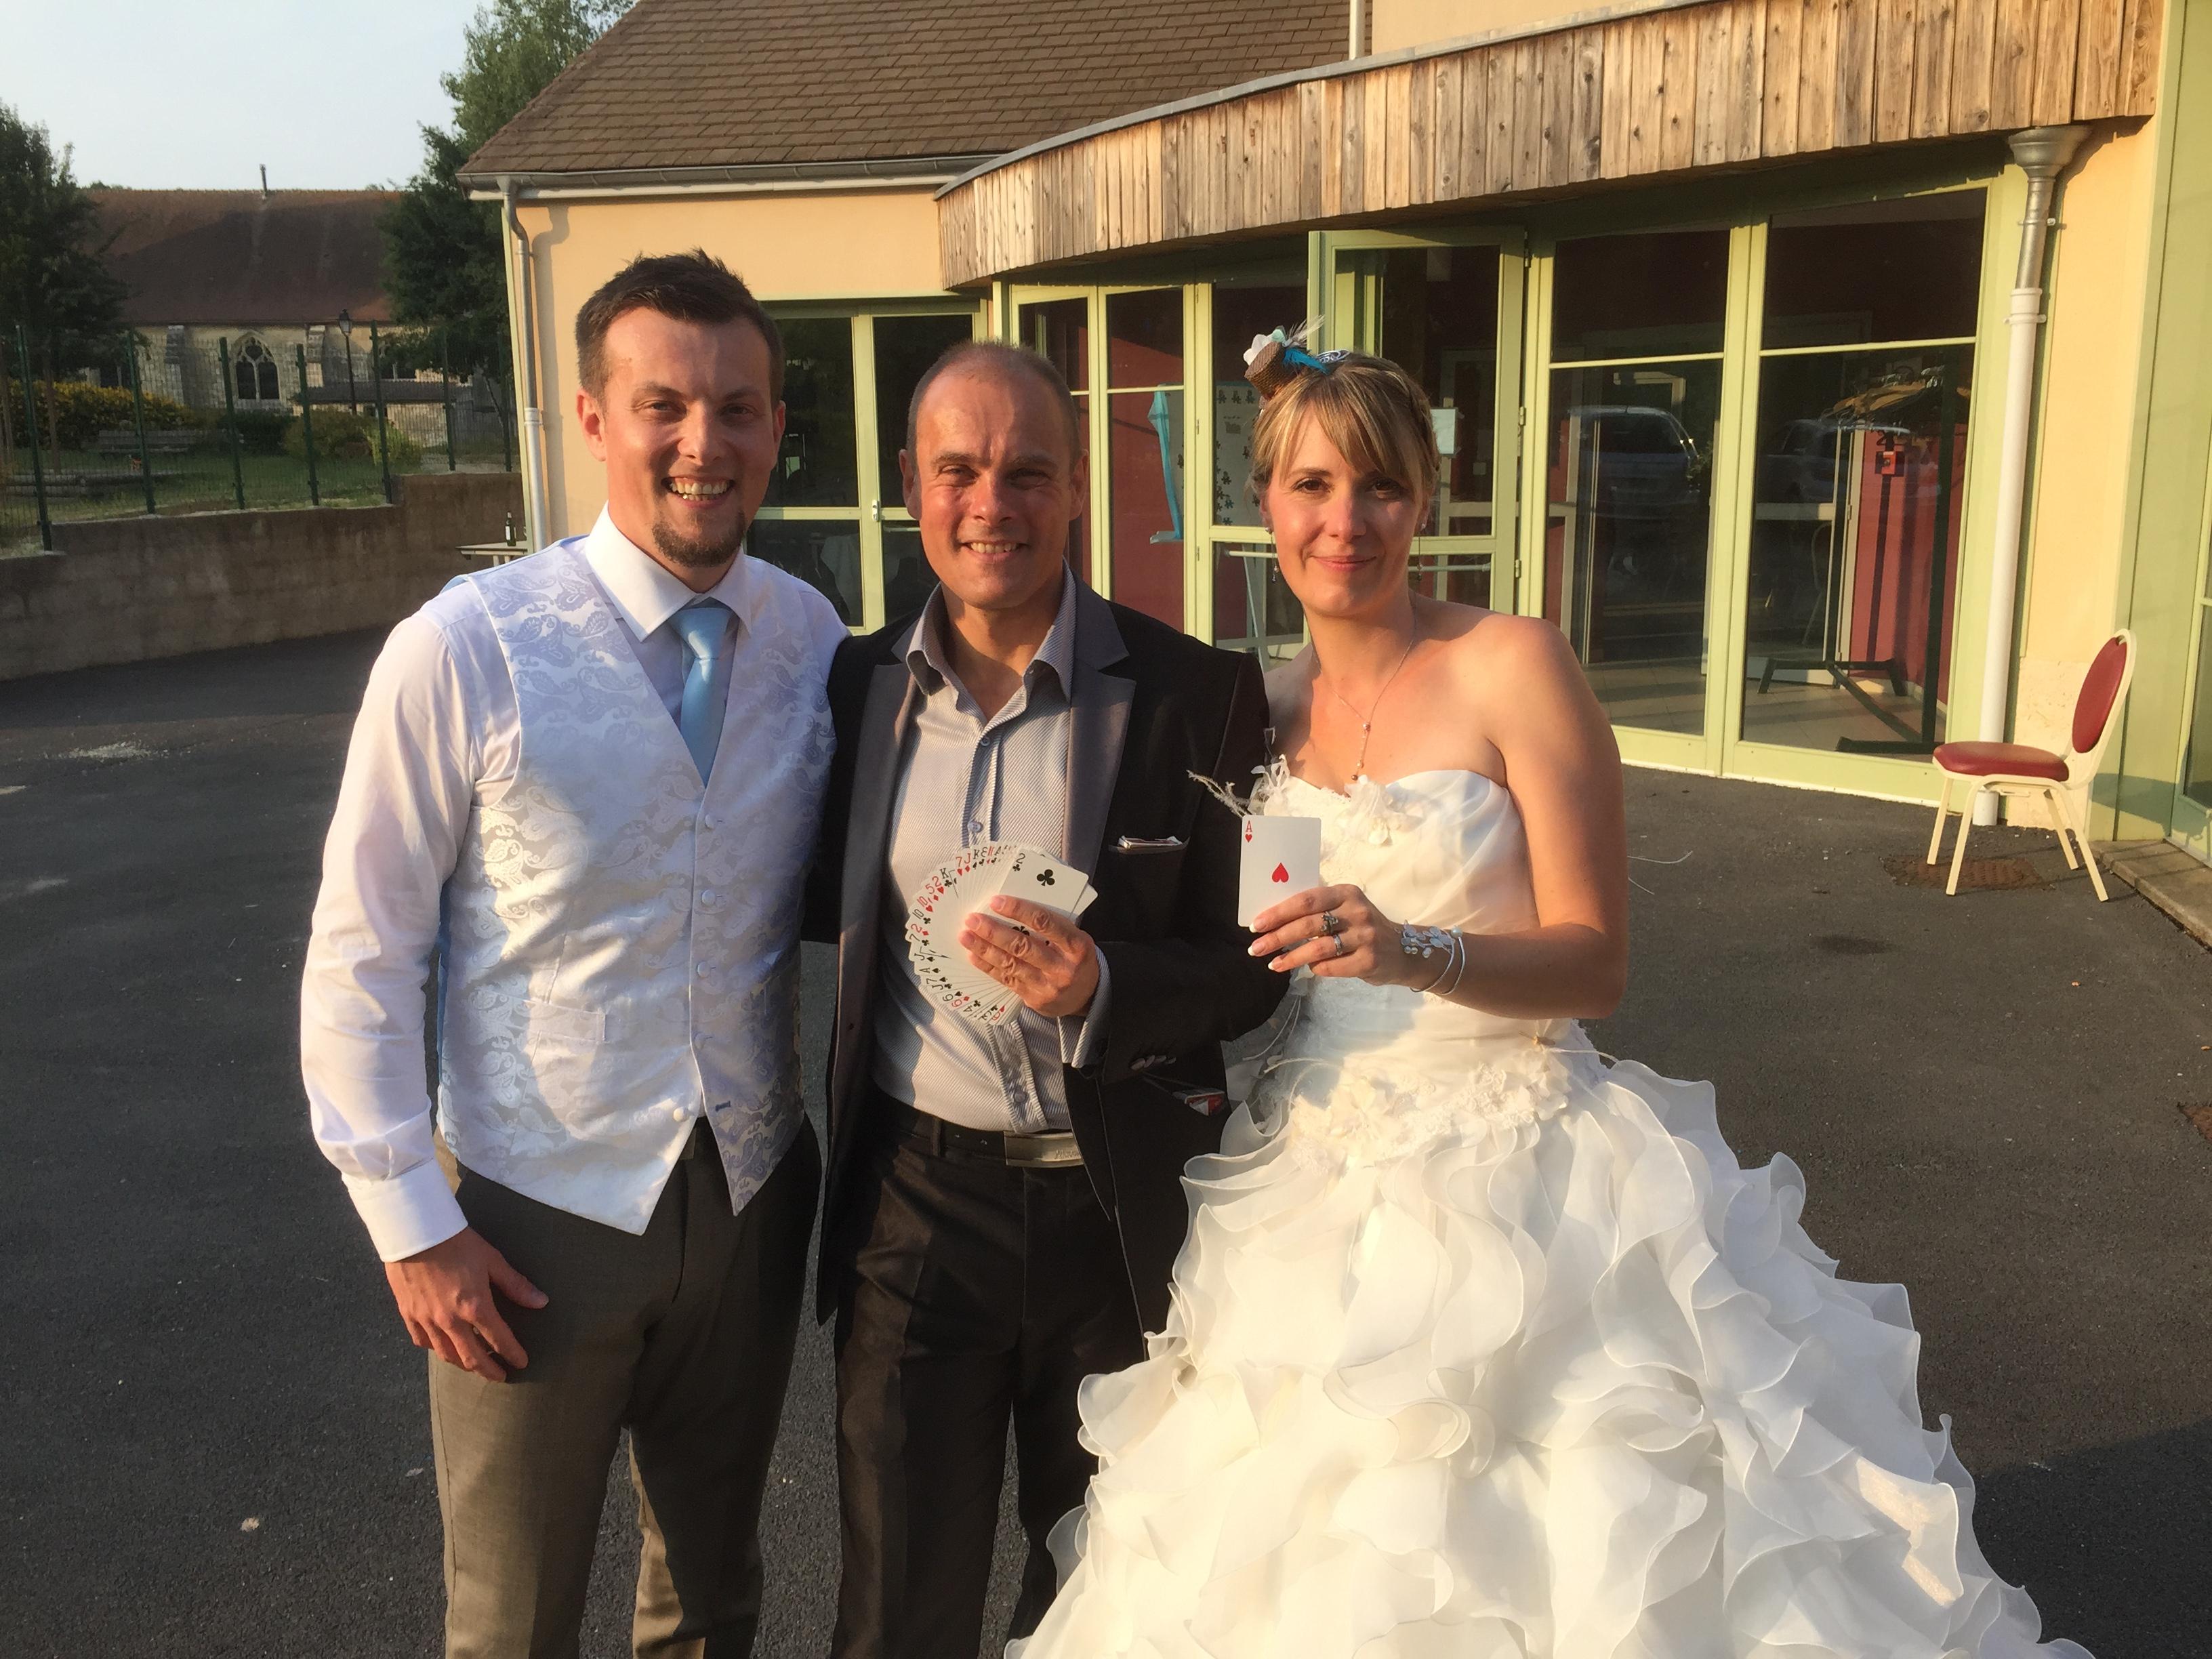 La magie avec les mariés